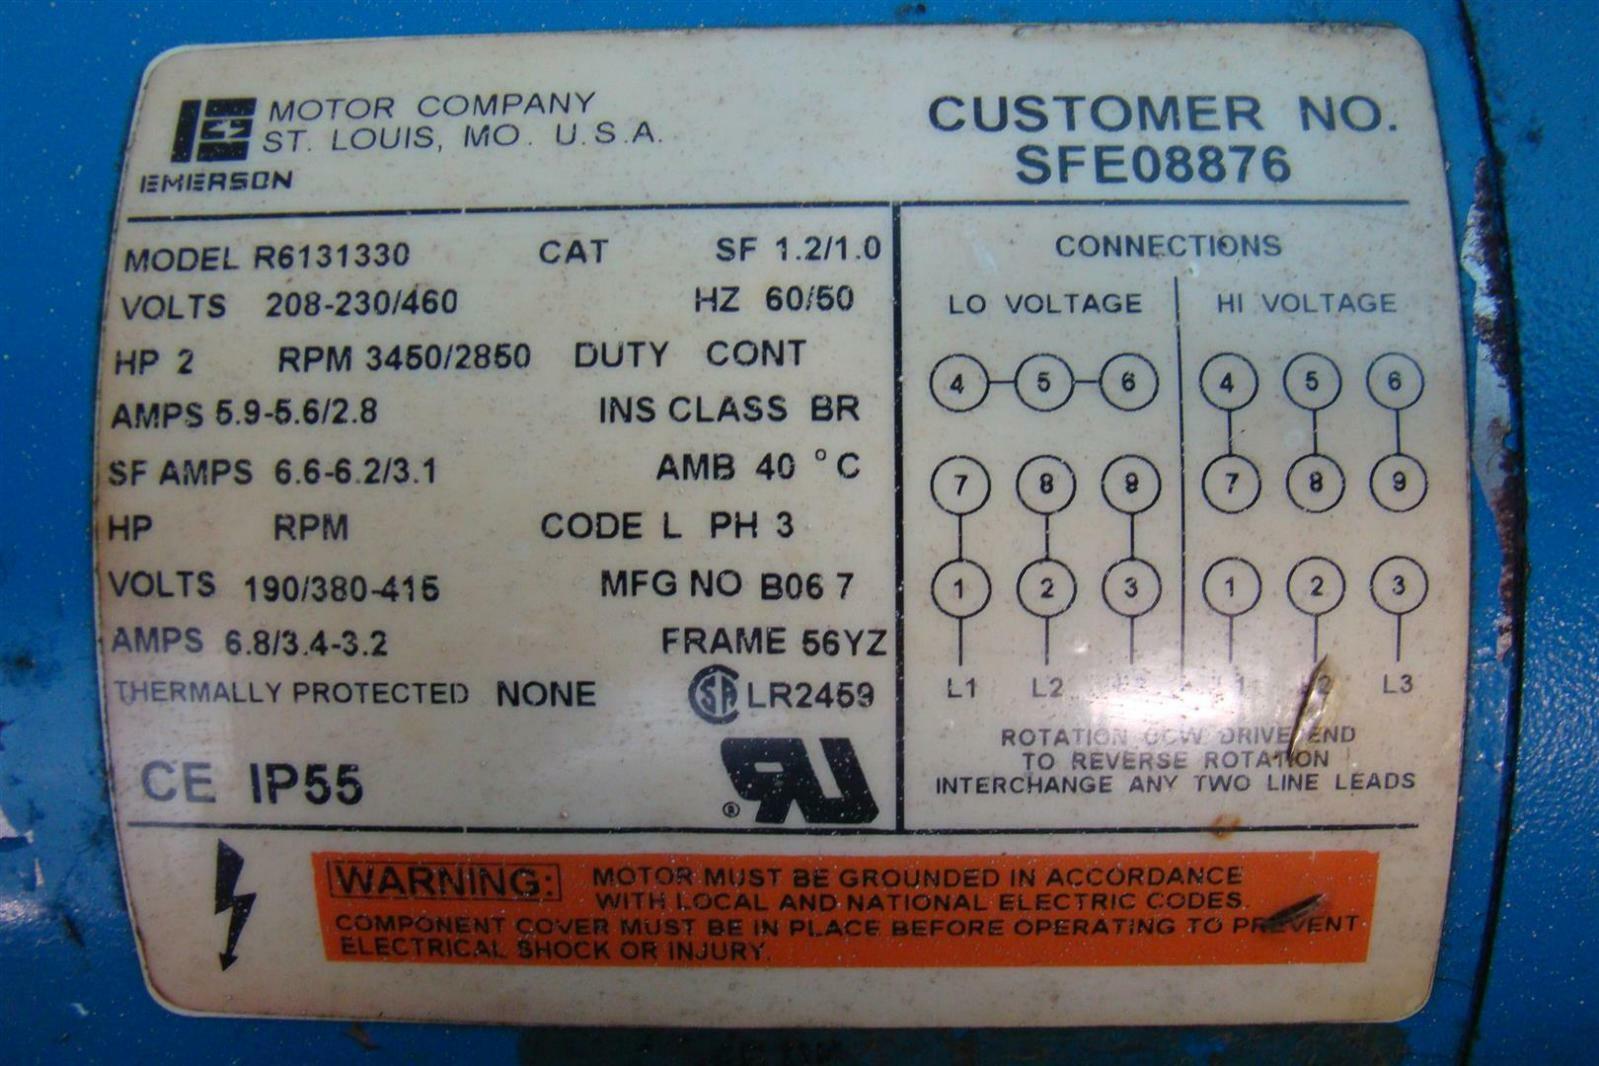 hight resolution of 230 460 volt motor wiring explained wiring diagrams 1 phase motor wiring diagram 230 460 motor